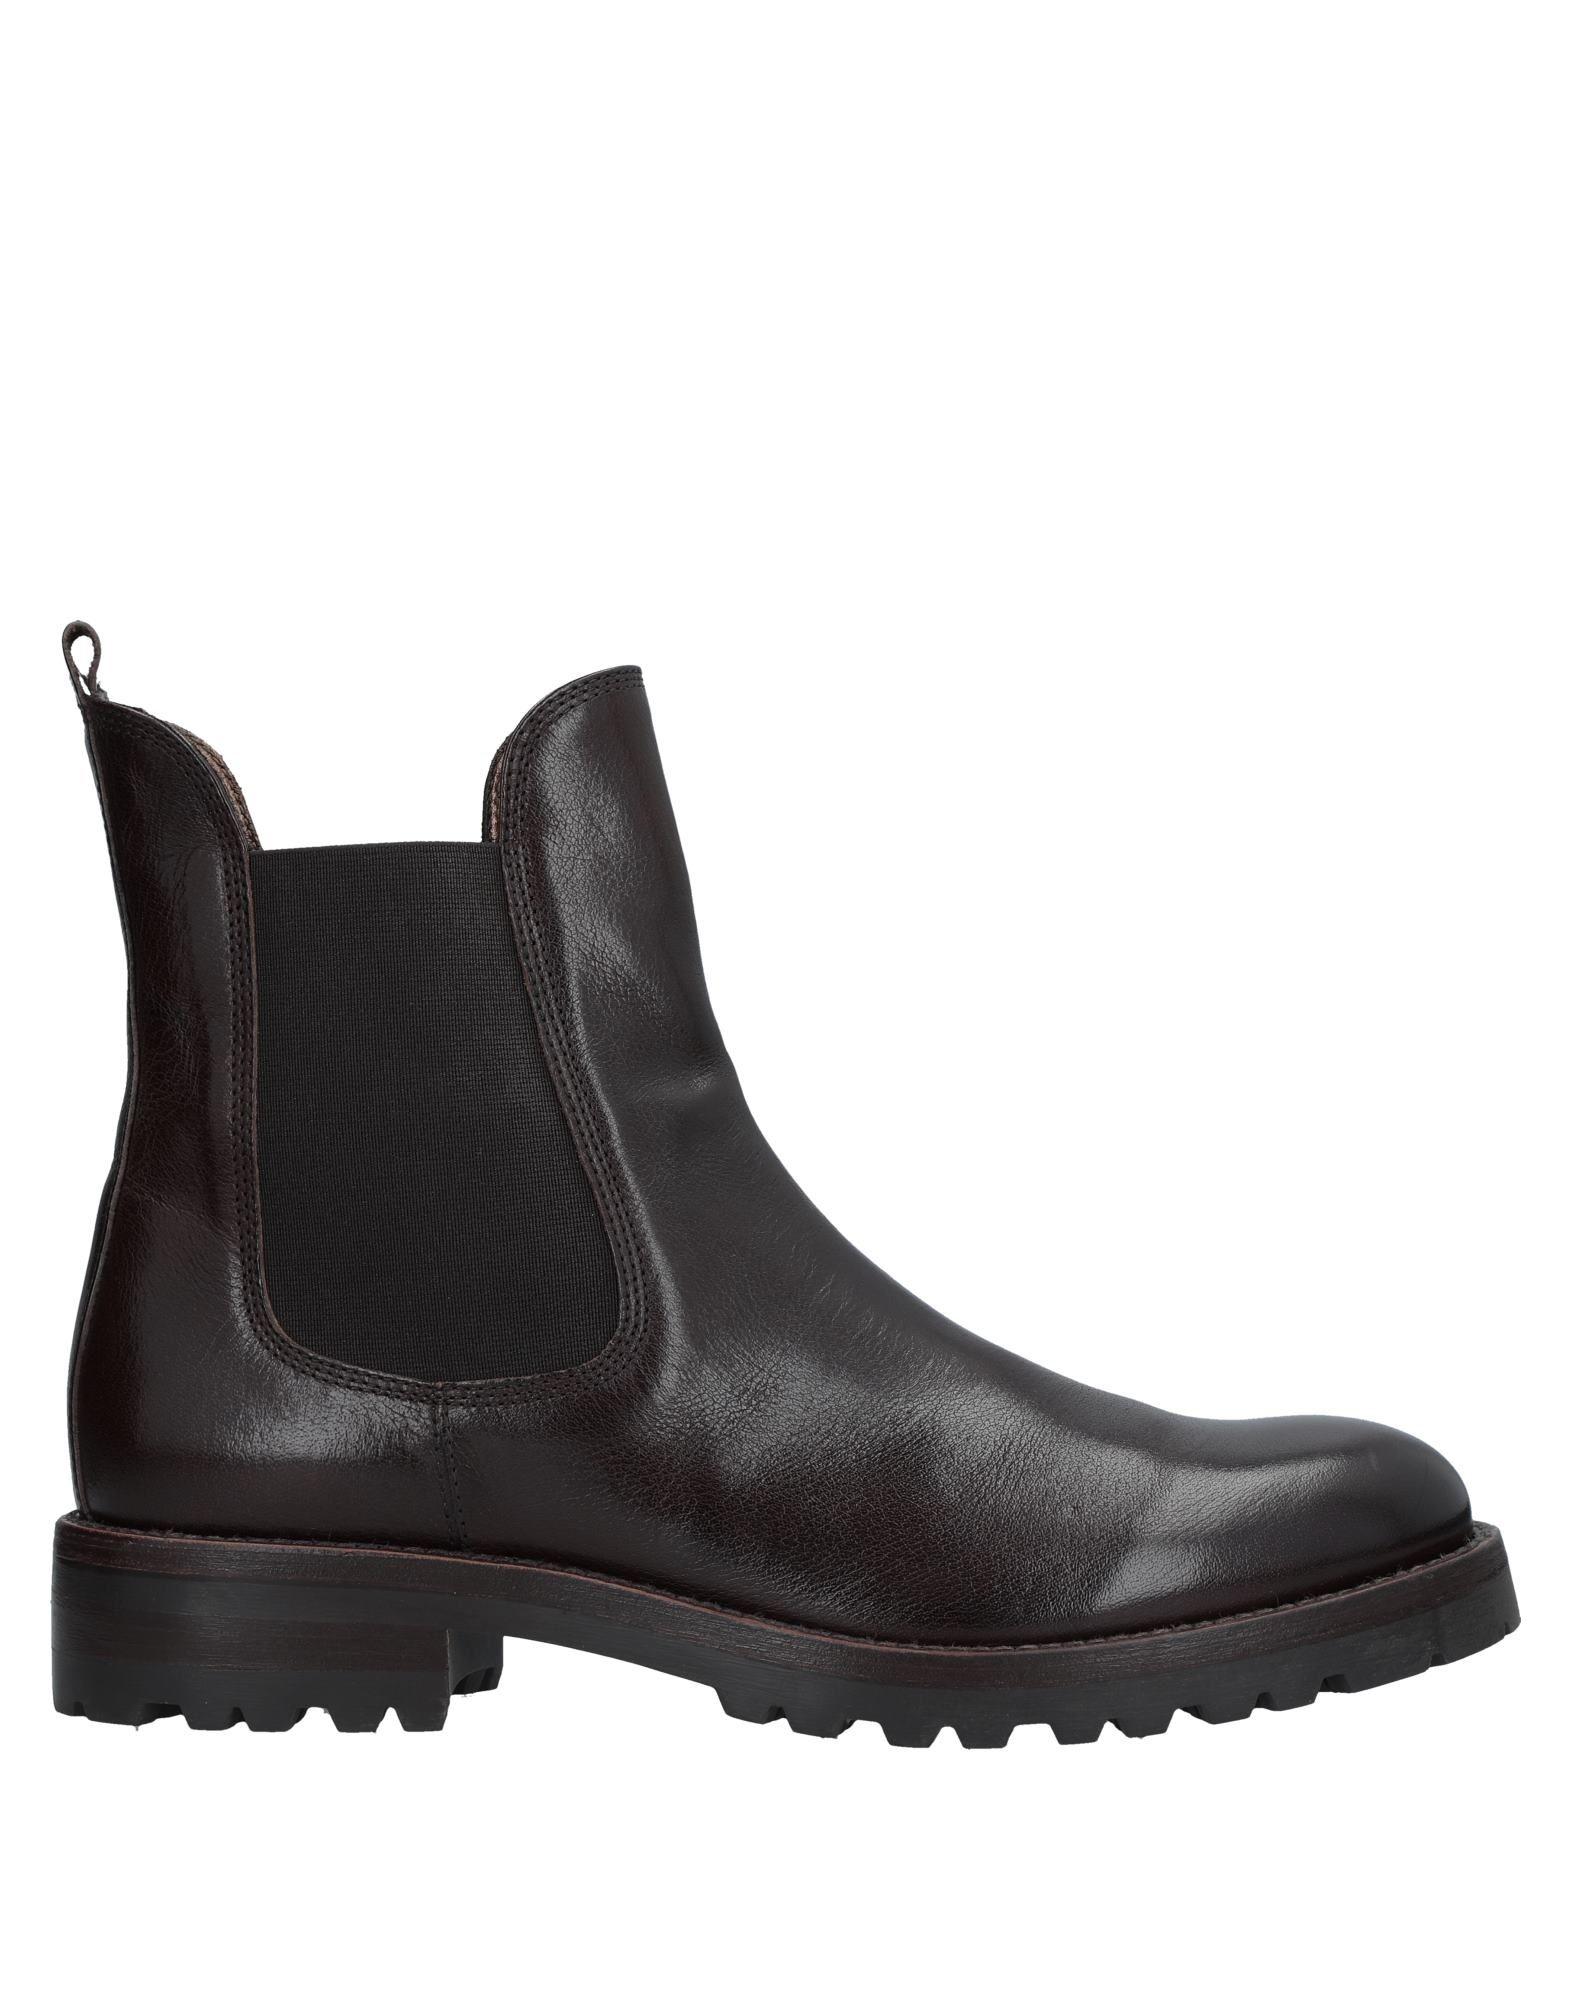 Corvari Stiefelette Herren  11528782GG Gute Qualität beliebte Schuhe